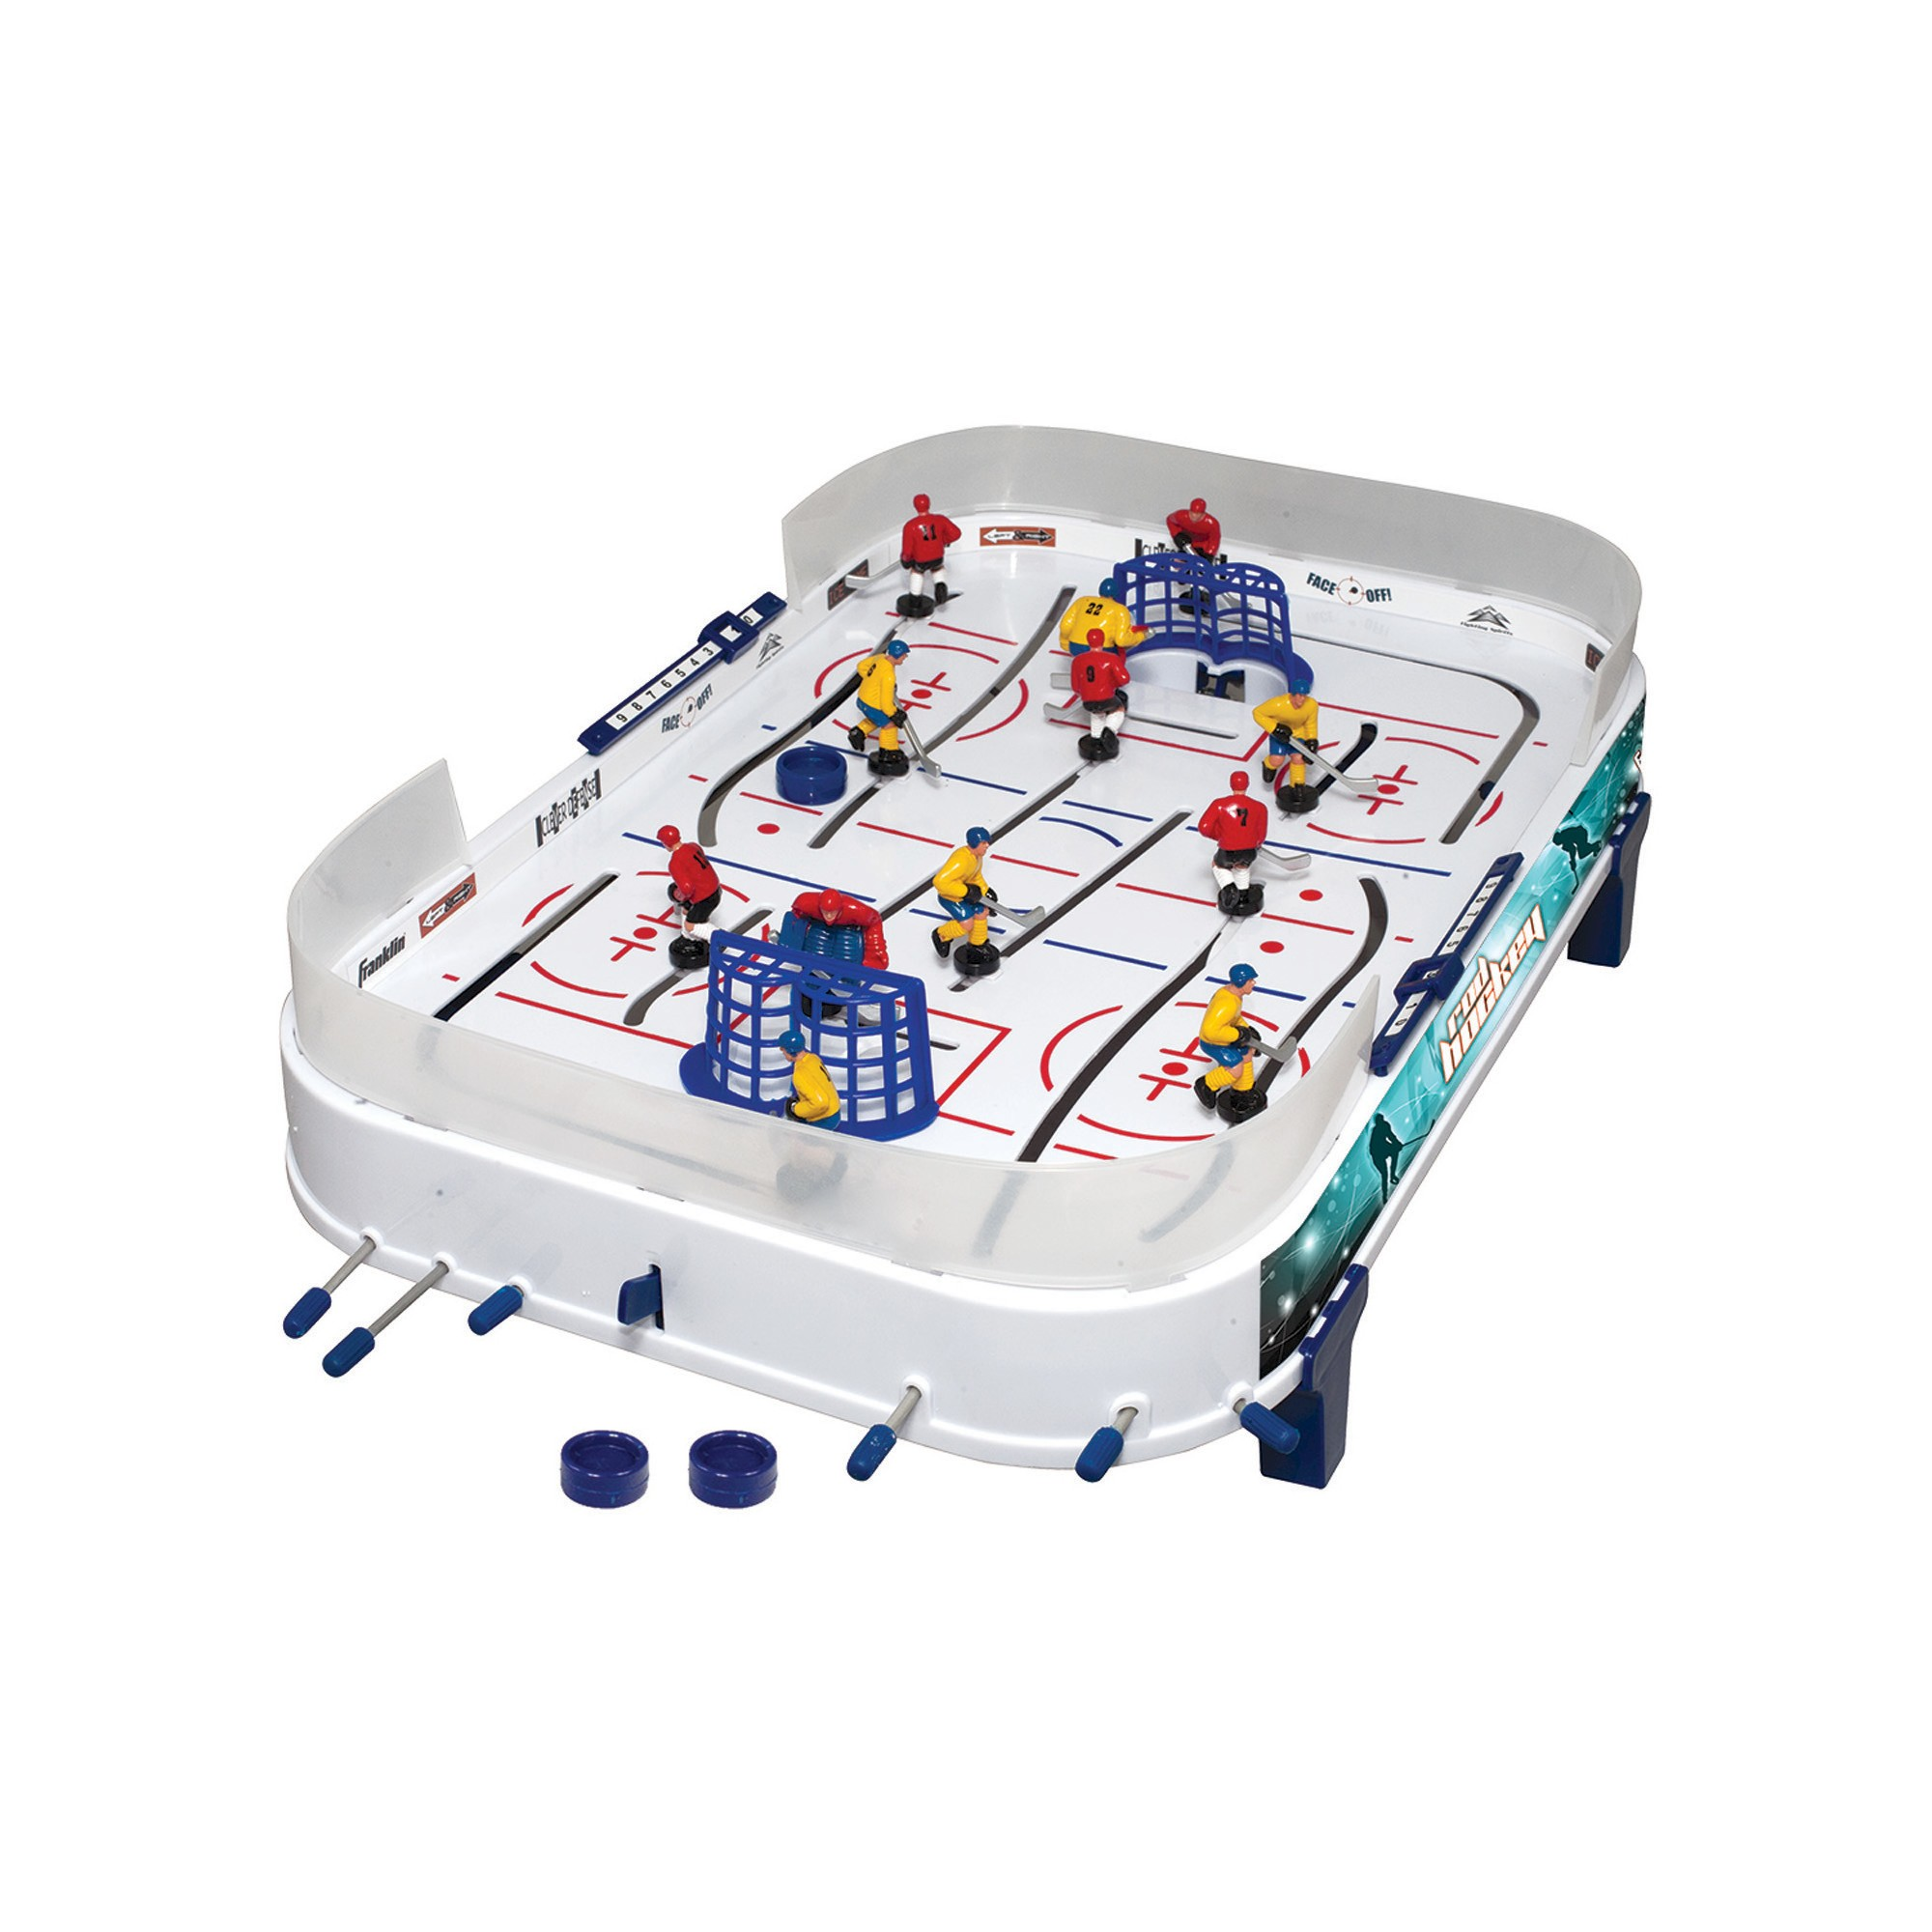 Franklin Sports Rod Hockey Franklin sports, Hockey, Home